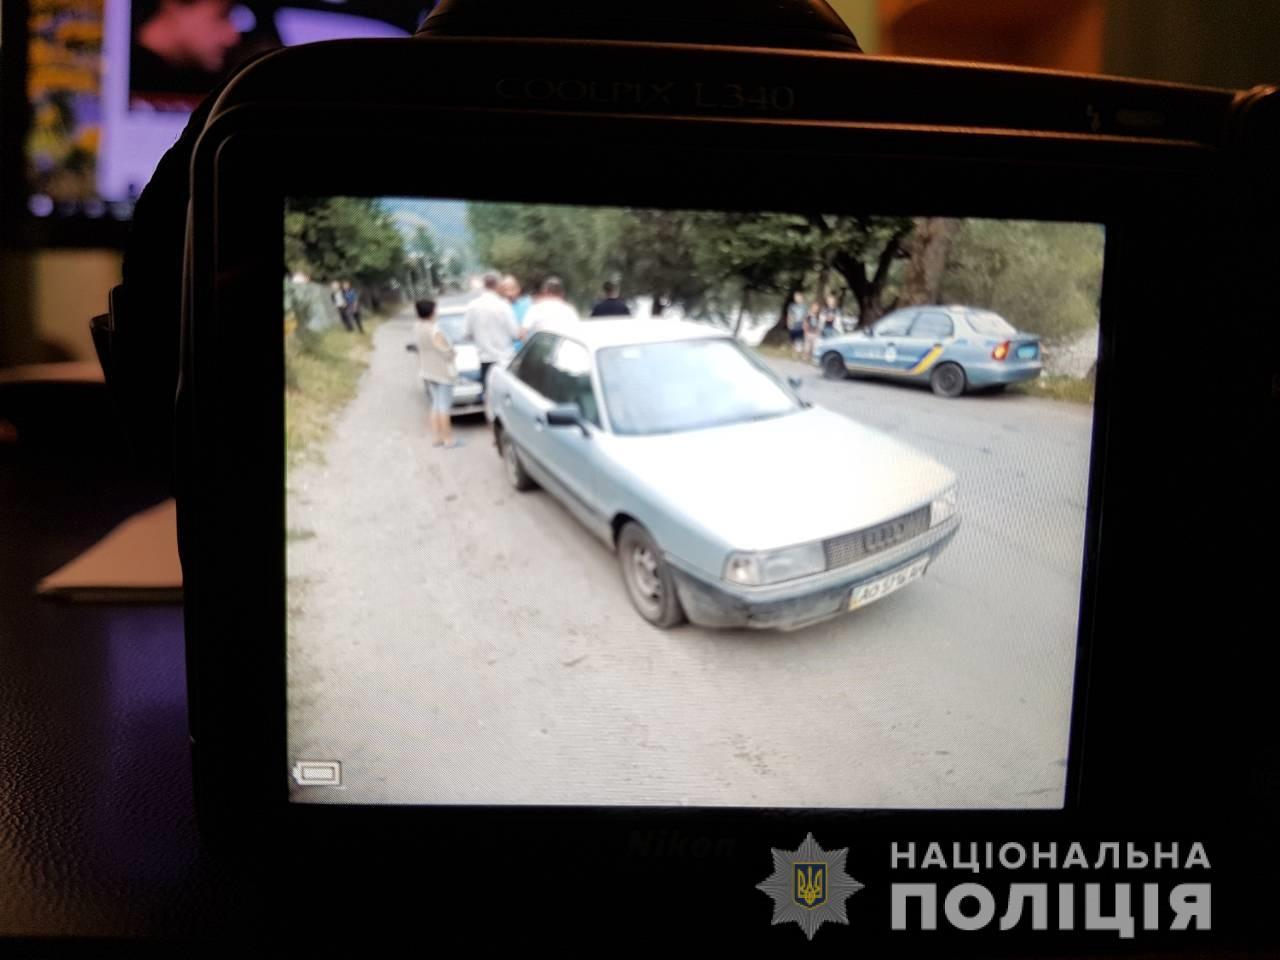 На Рахівщині затримали п'яного чоловіка, який намагався на вкраденому авто утекти від поліції